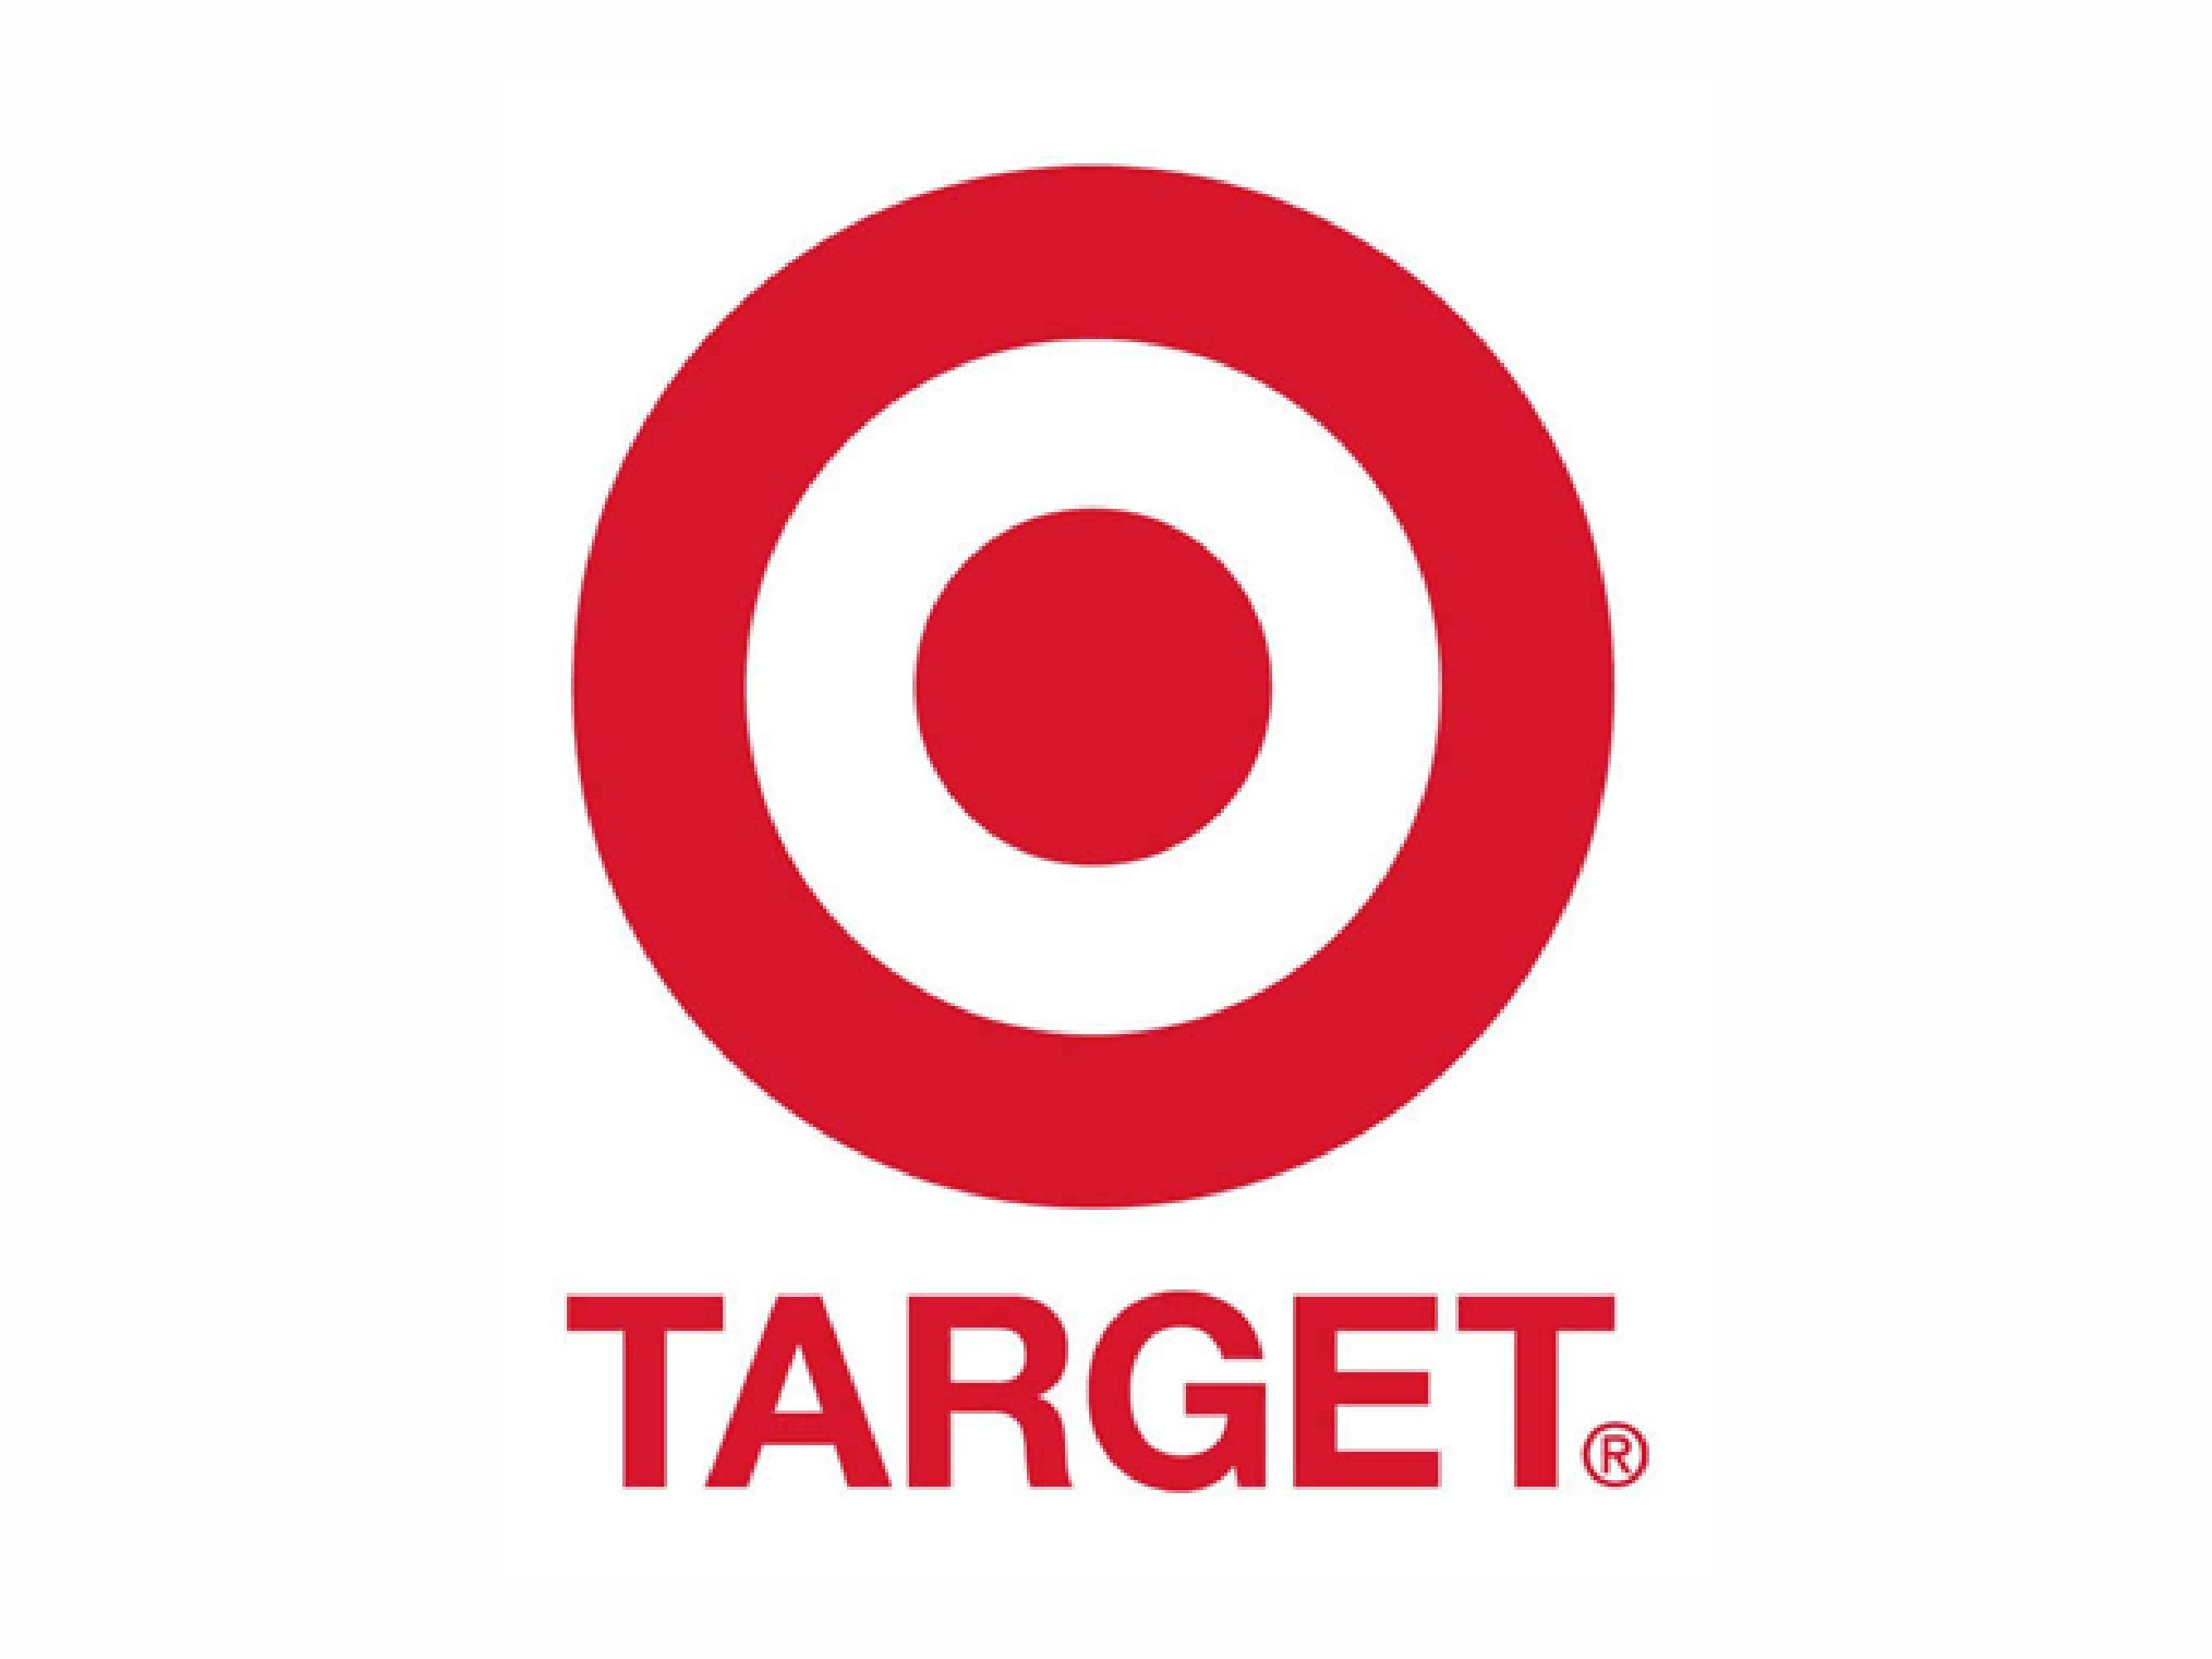 Target Specials